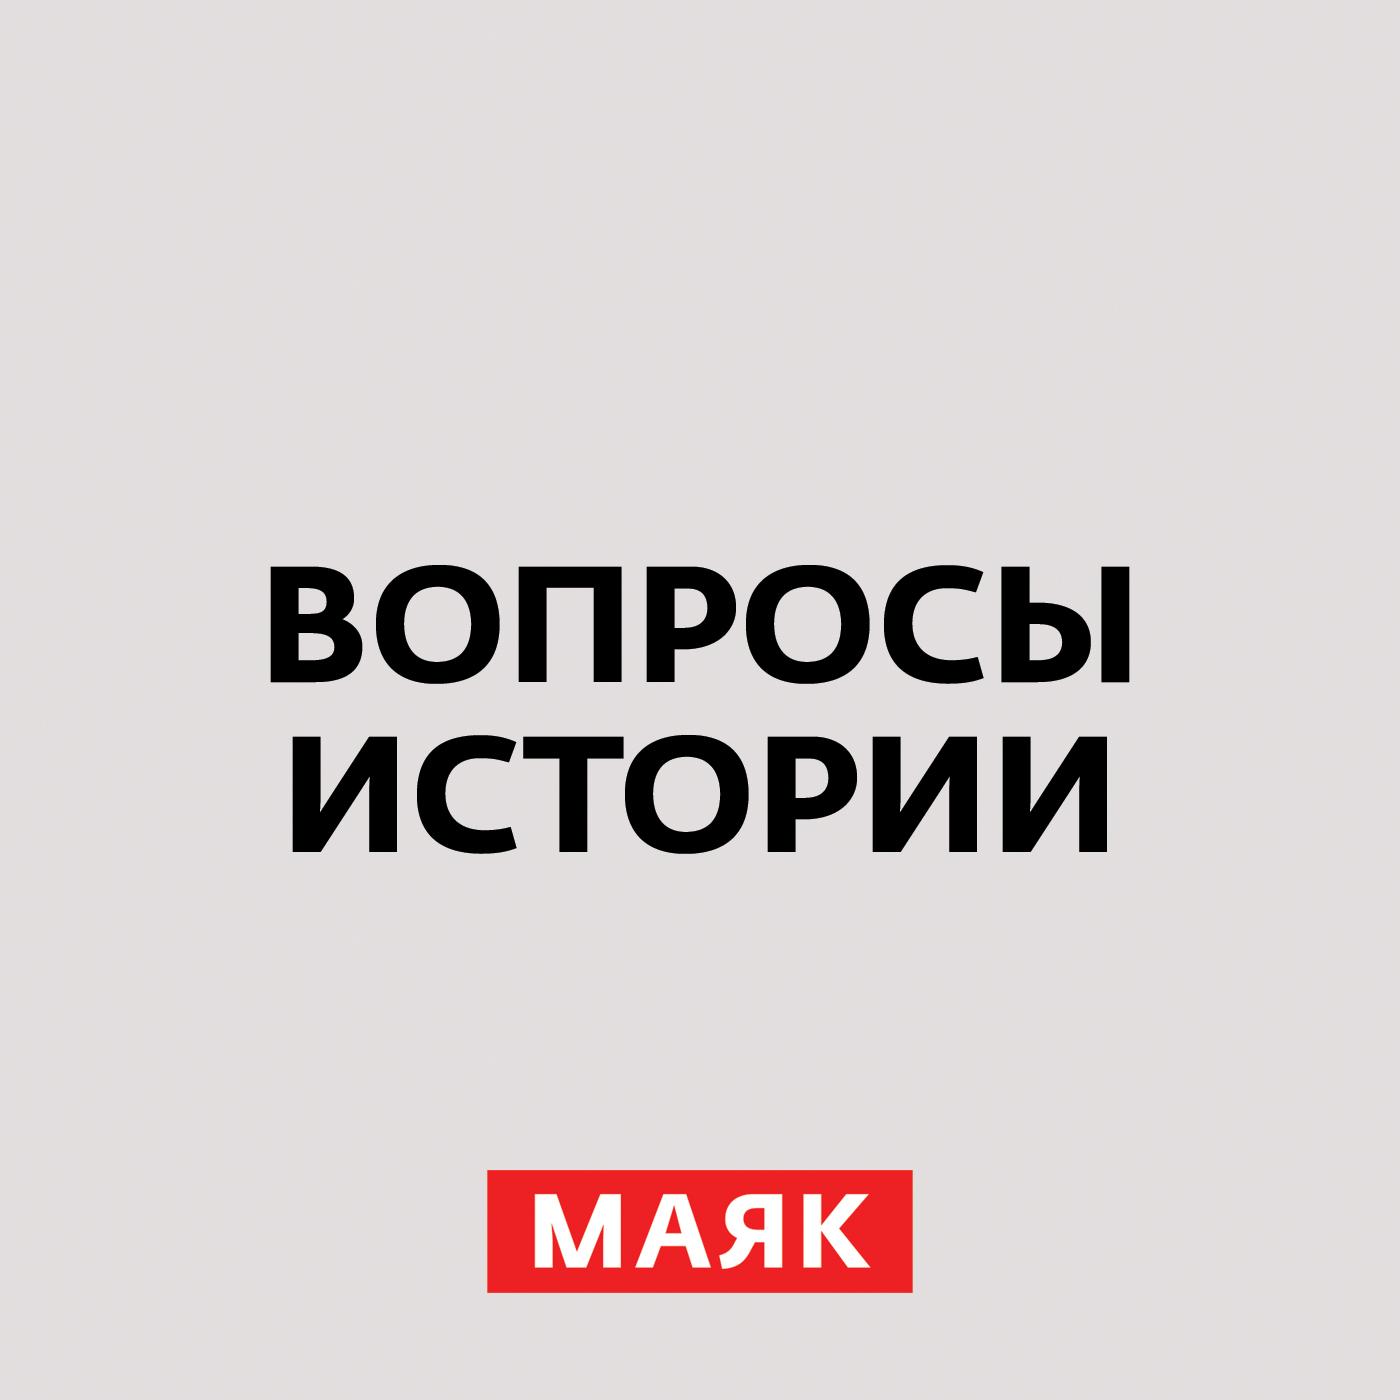 Андрей Светенко Московское лето 1980-го: Олимпиада и смерть Высоцкого московское метро